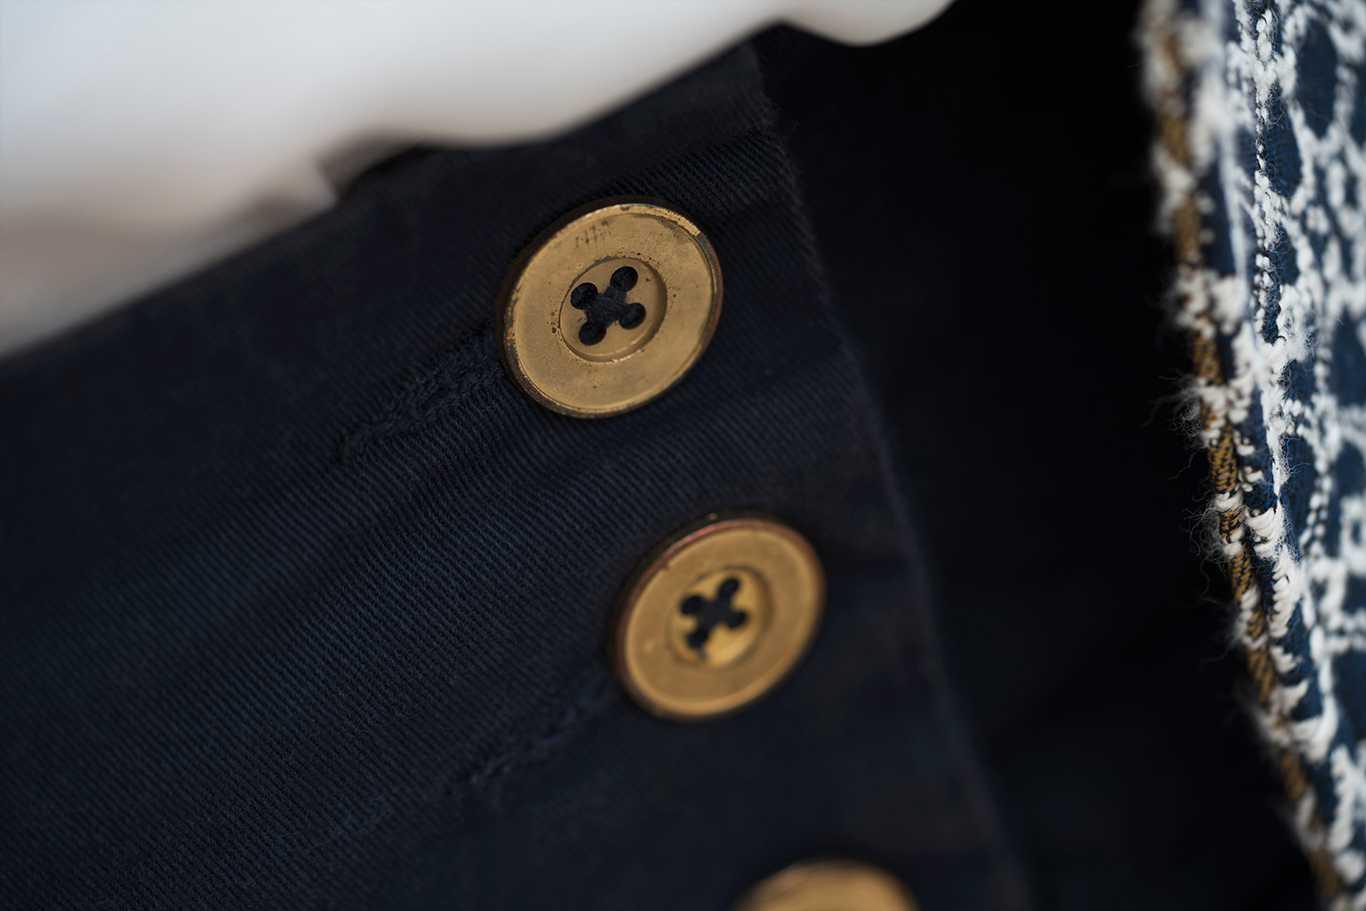 Detalle de botones estilo navy en pantalón de cintura ancha